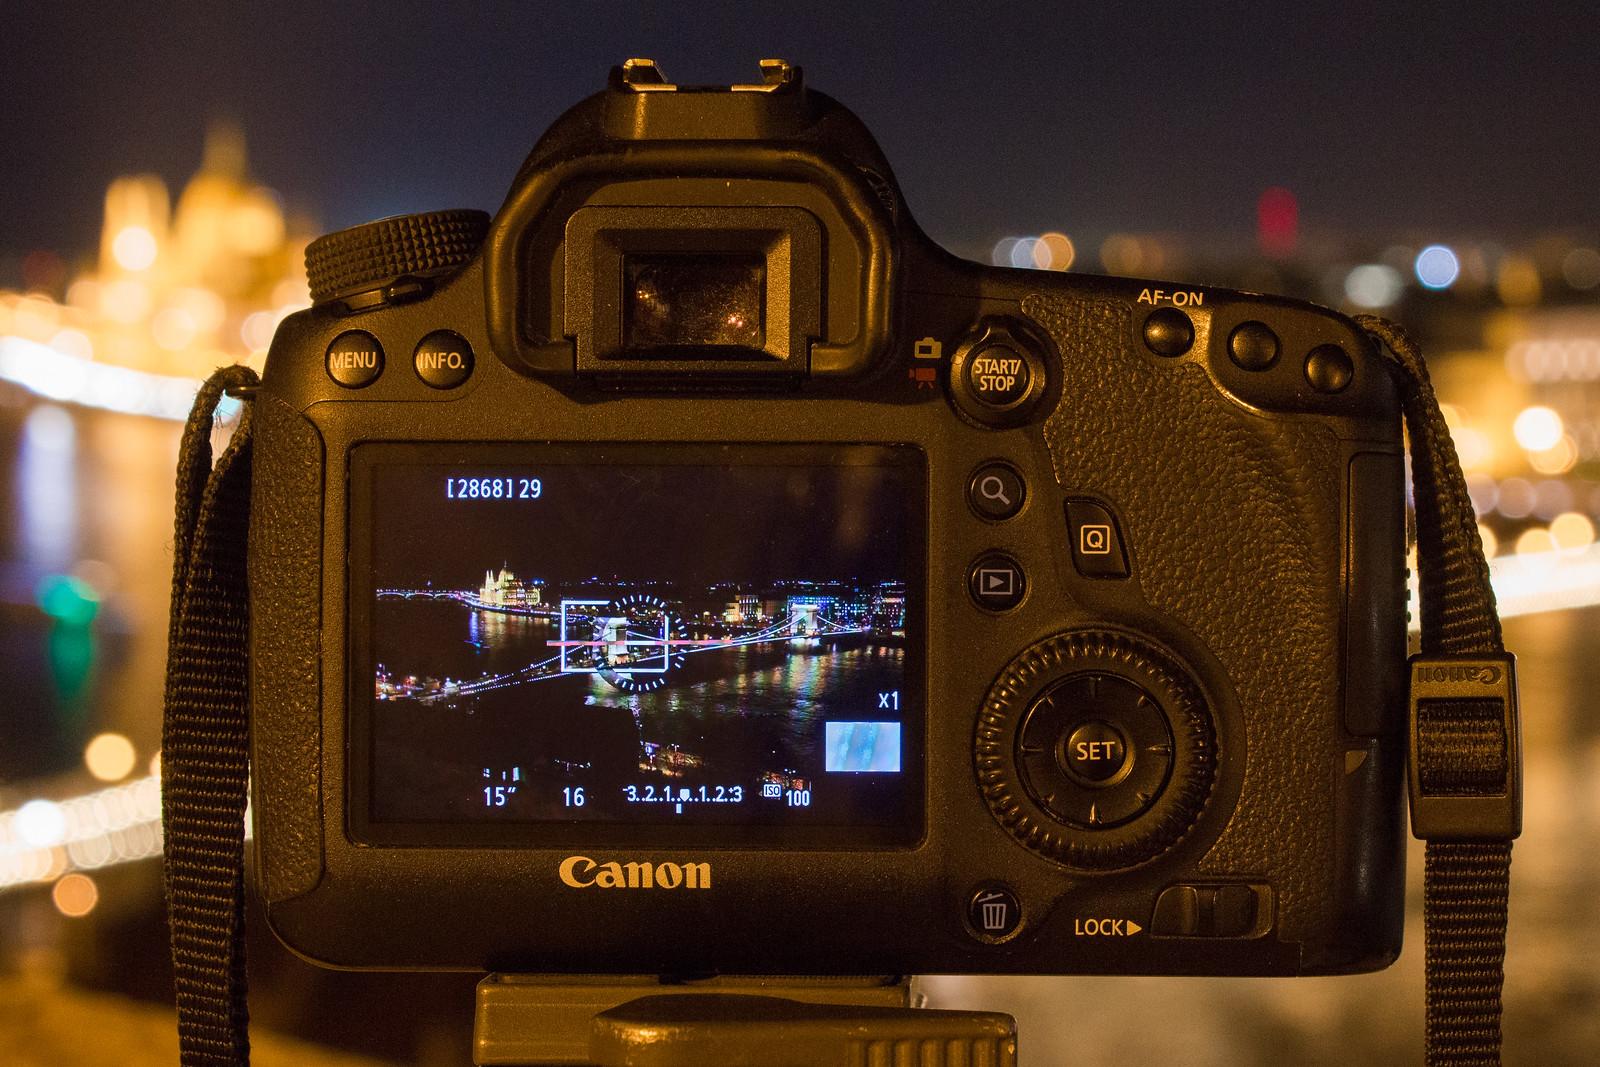 Éjszakai fotózás Canon DSLR Élőképpel